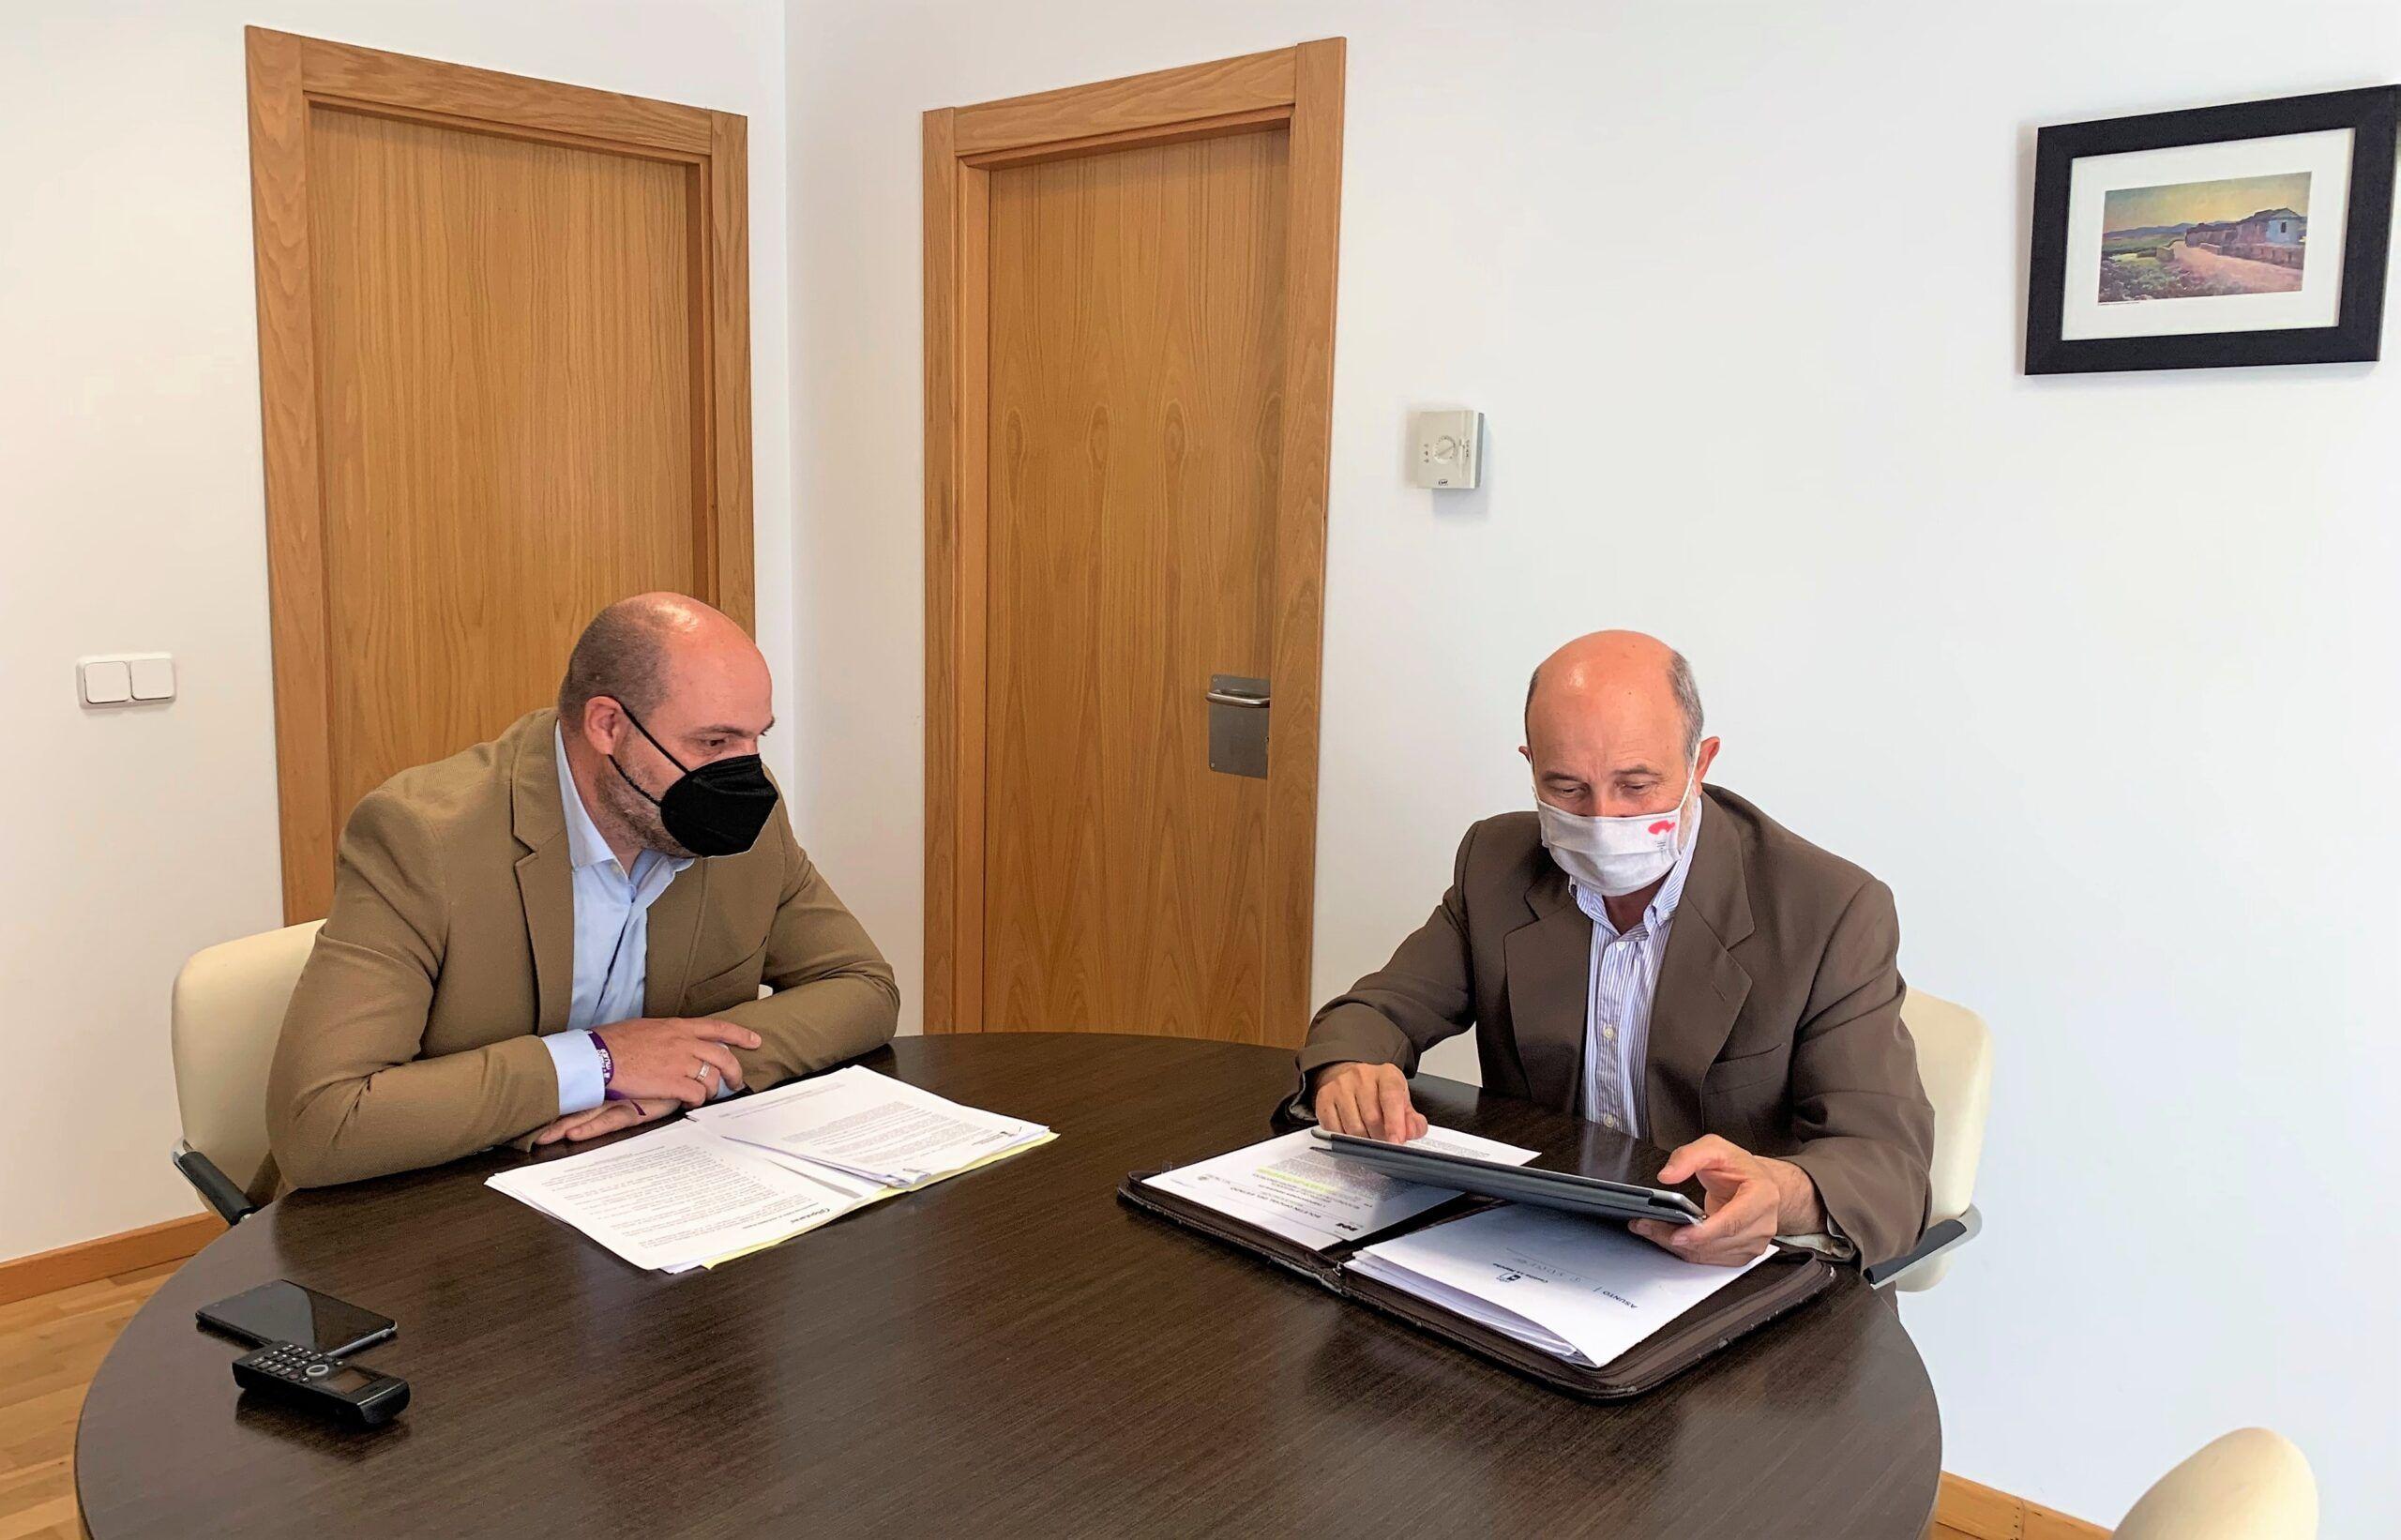 José Luis Cabezas informa al alcalde de Alcolea de Calatrava sobre el nuevo Plan de Empleo patrocinado por el Gobierno de Castilla-La Mancha